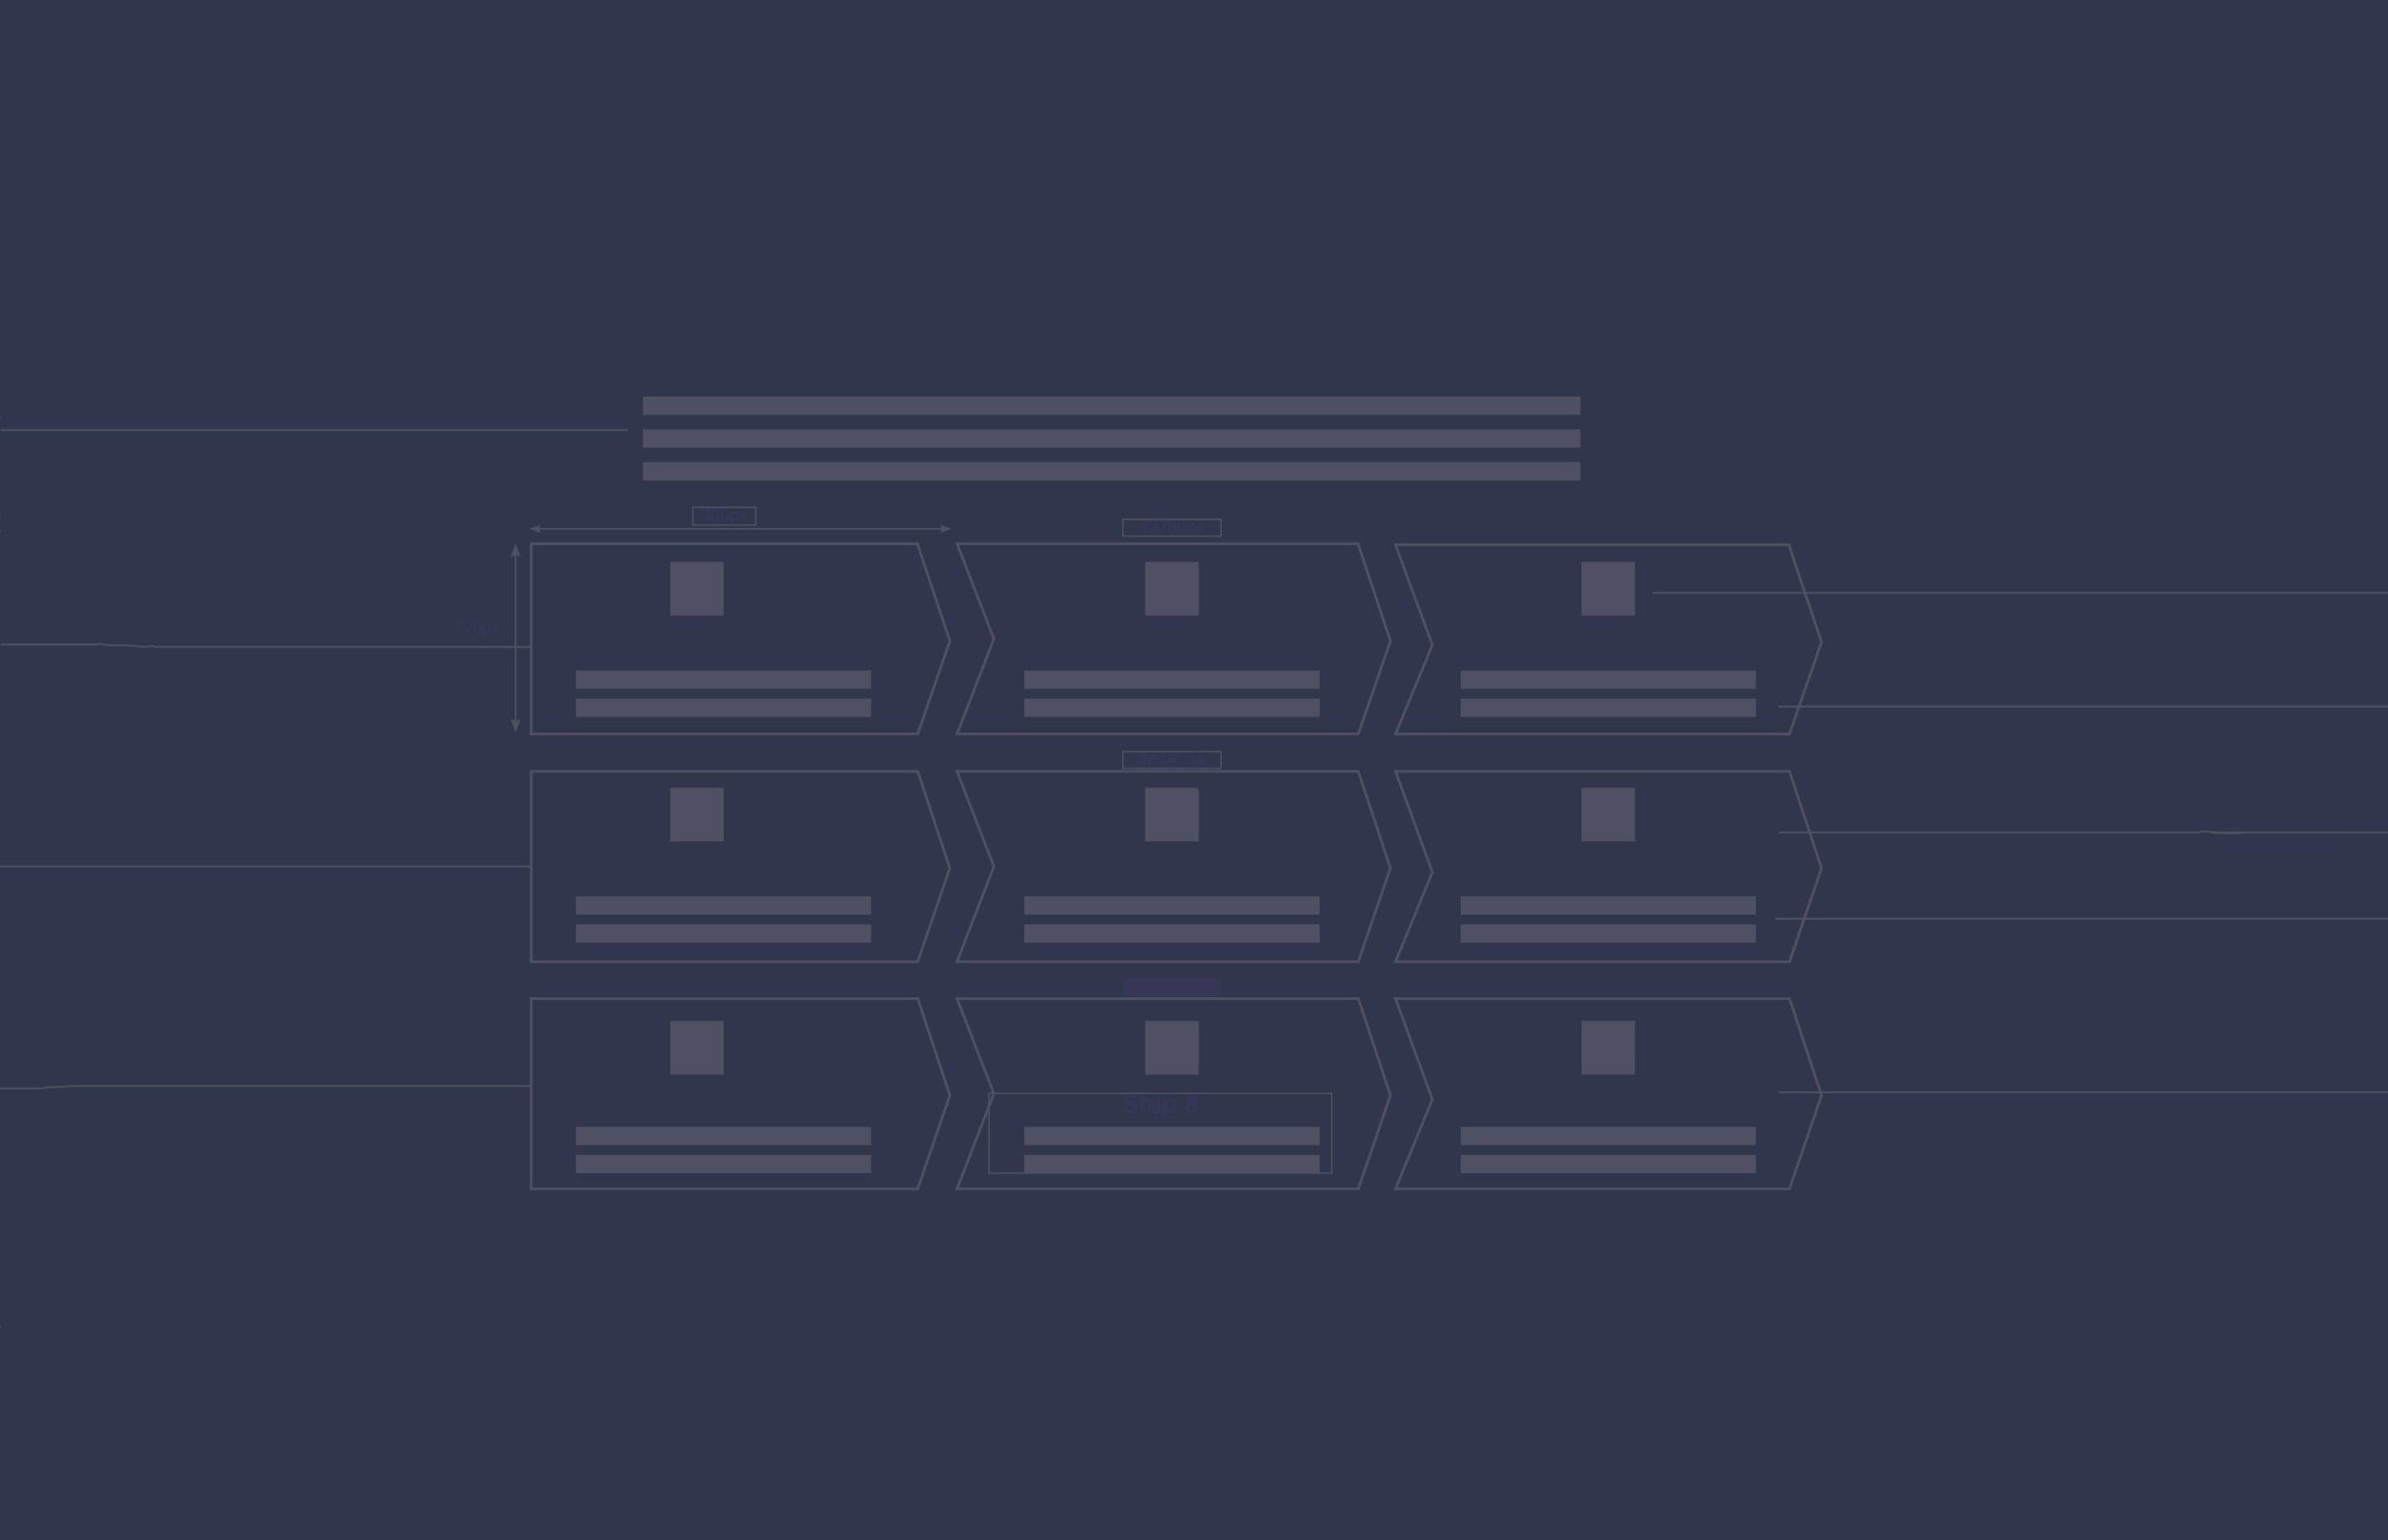 UX UI Designer Background